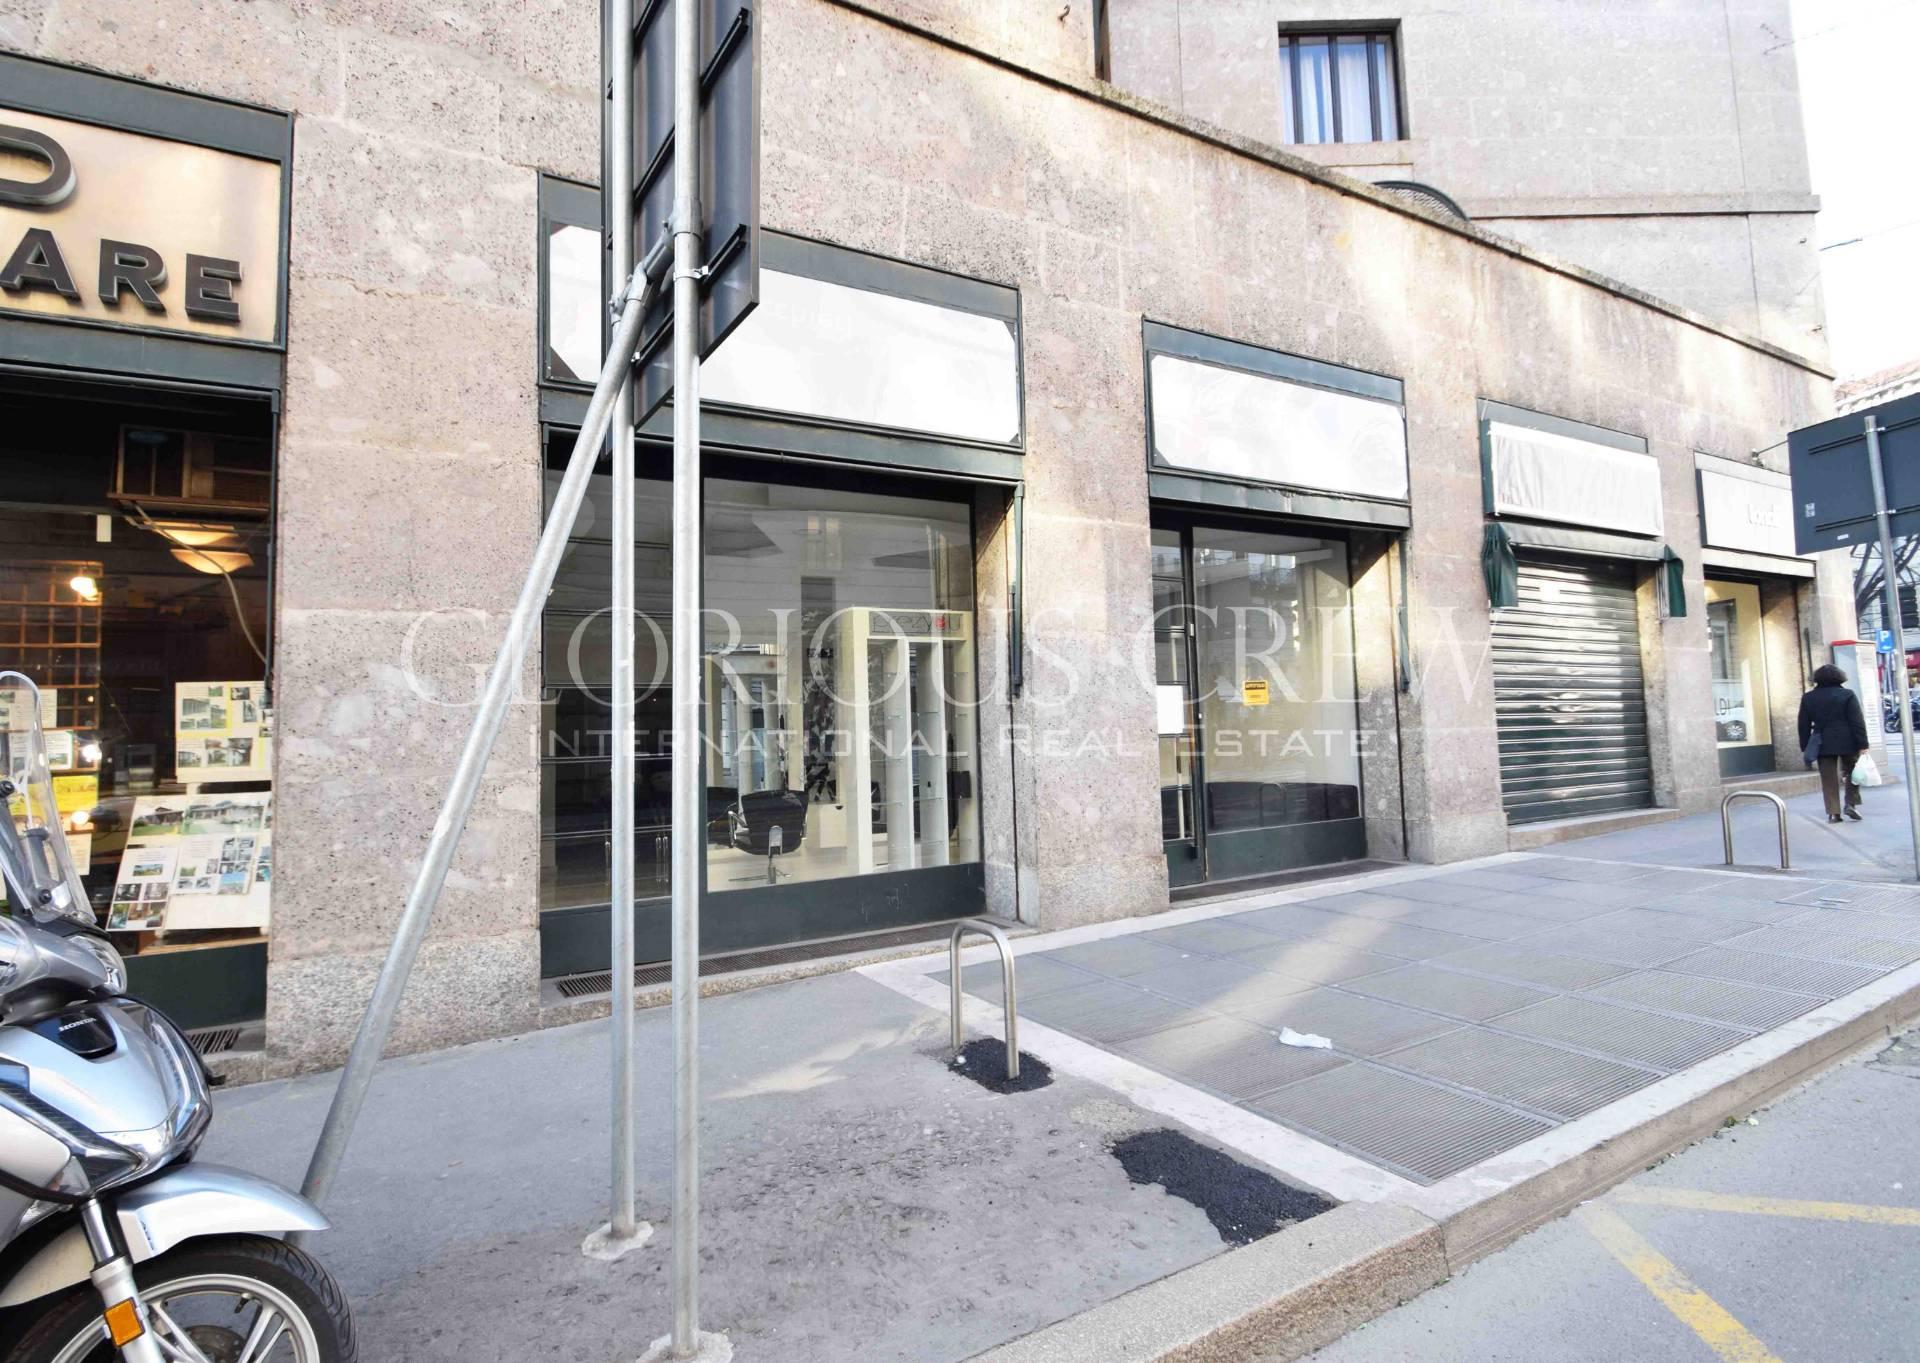 NEGOZIO in Affitto a Centro Storico, Milano (MILANO)